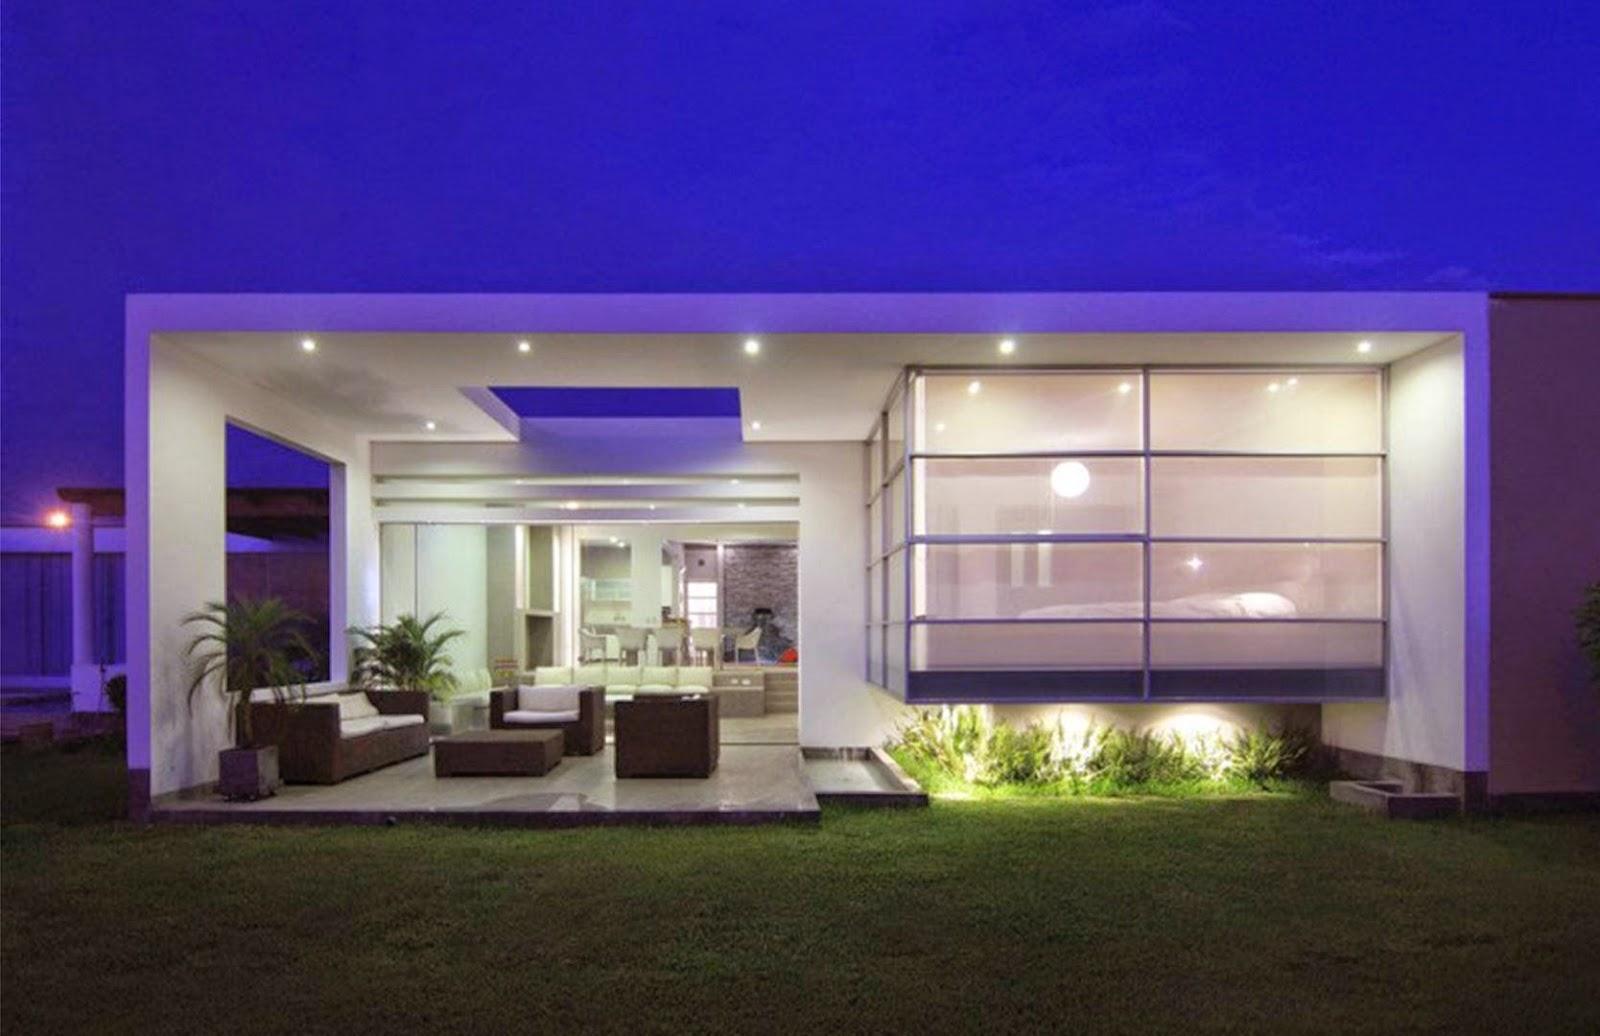 Home Design Ideas 2015